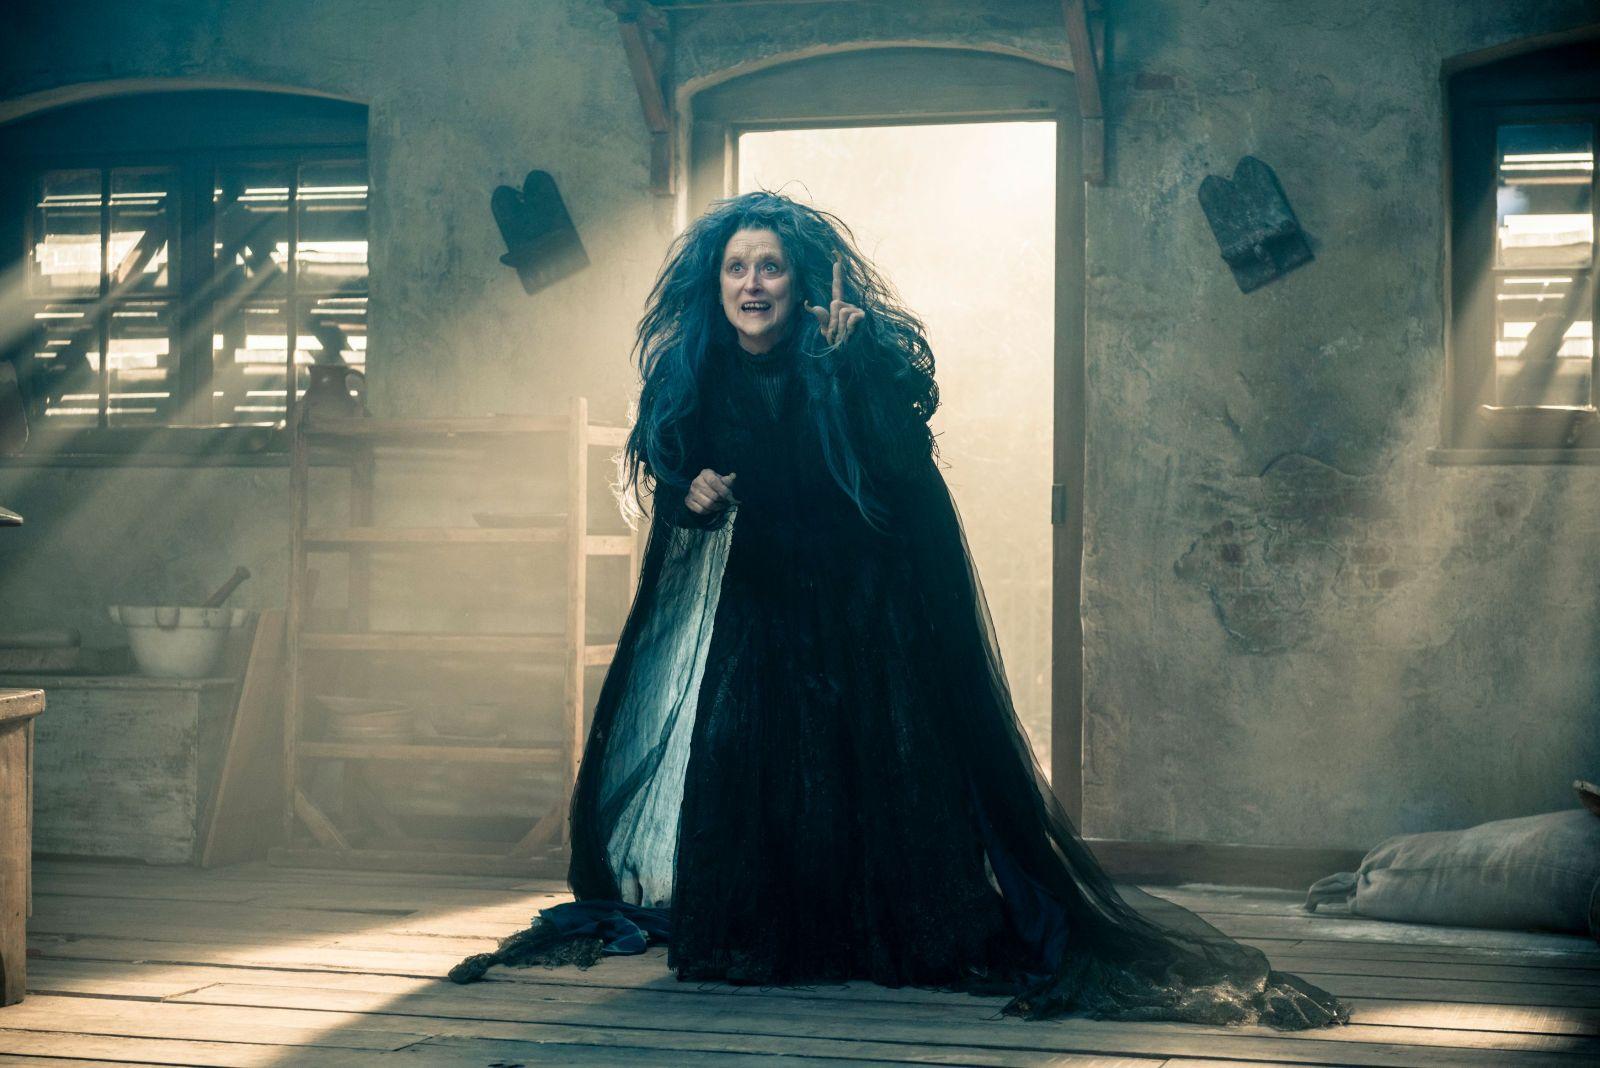 Мерил Стрип в роли ведьмы на кадре из фильма «Чем дальше в лес»